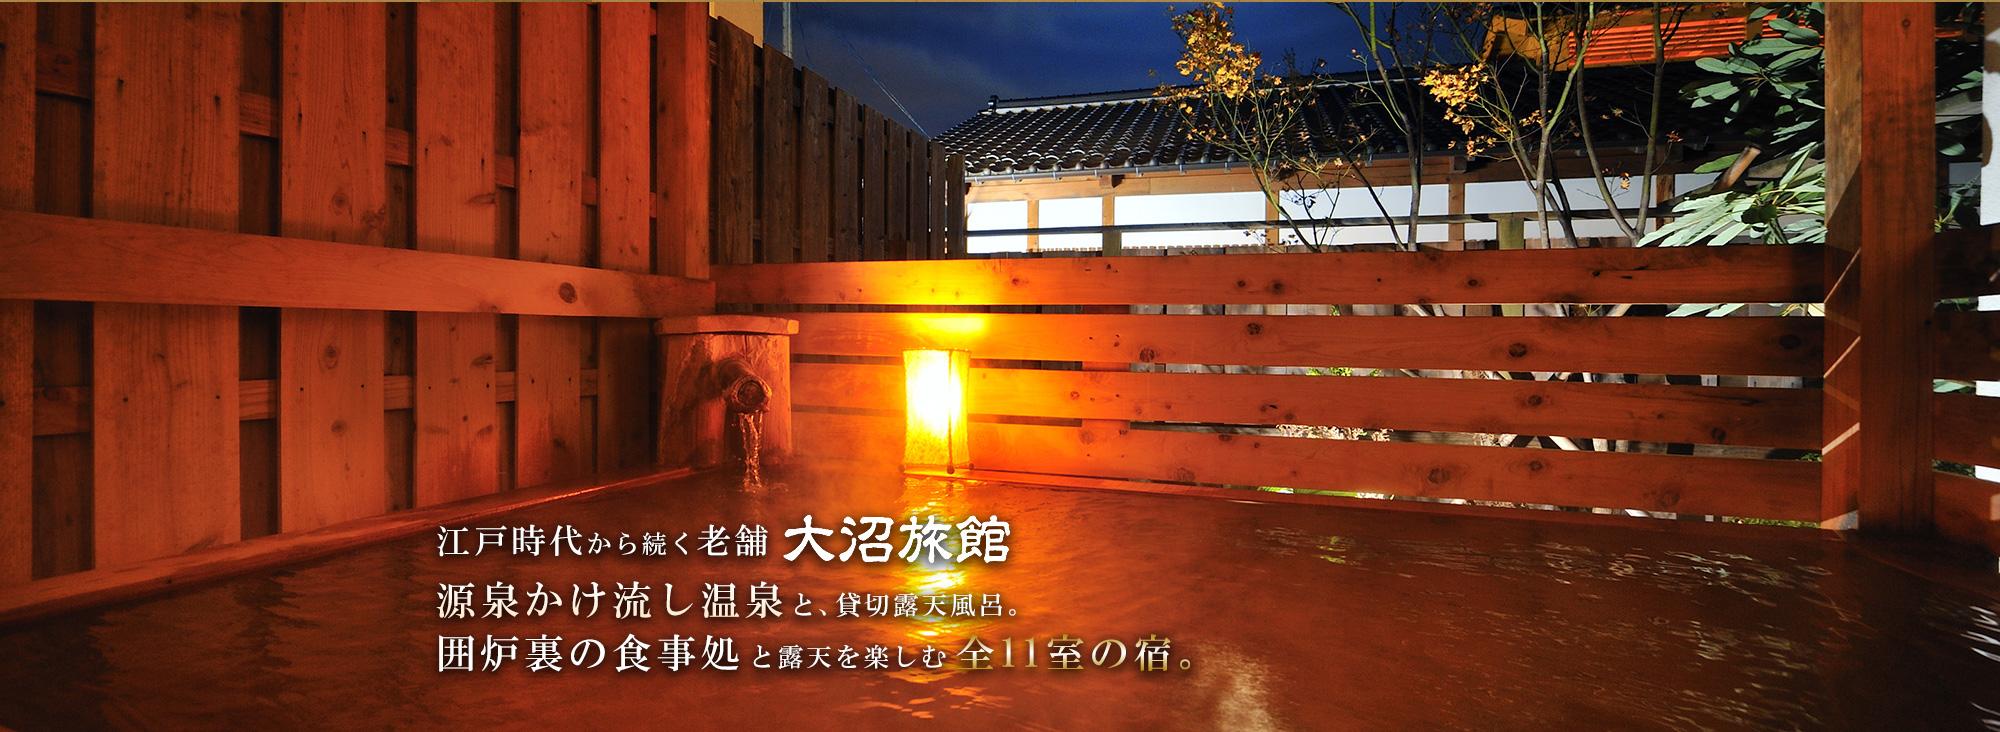 江戸時代から続く老舗大沼旅館。源泉かけ流し温泉と、貸切露天風呂。囲炉裏の食事処を楽しむ全11室の宿。